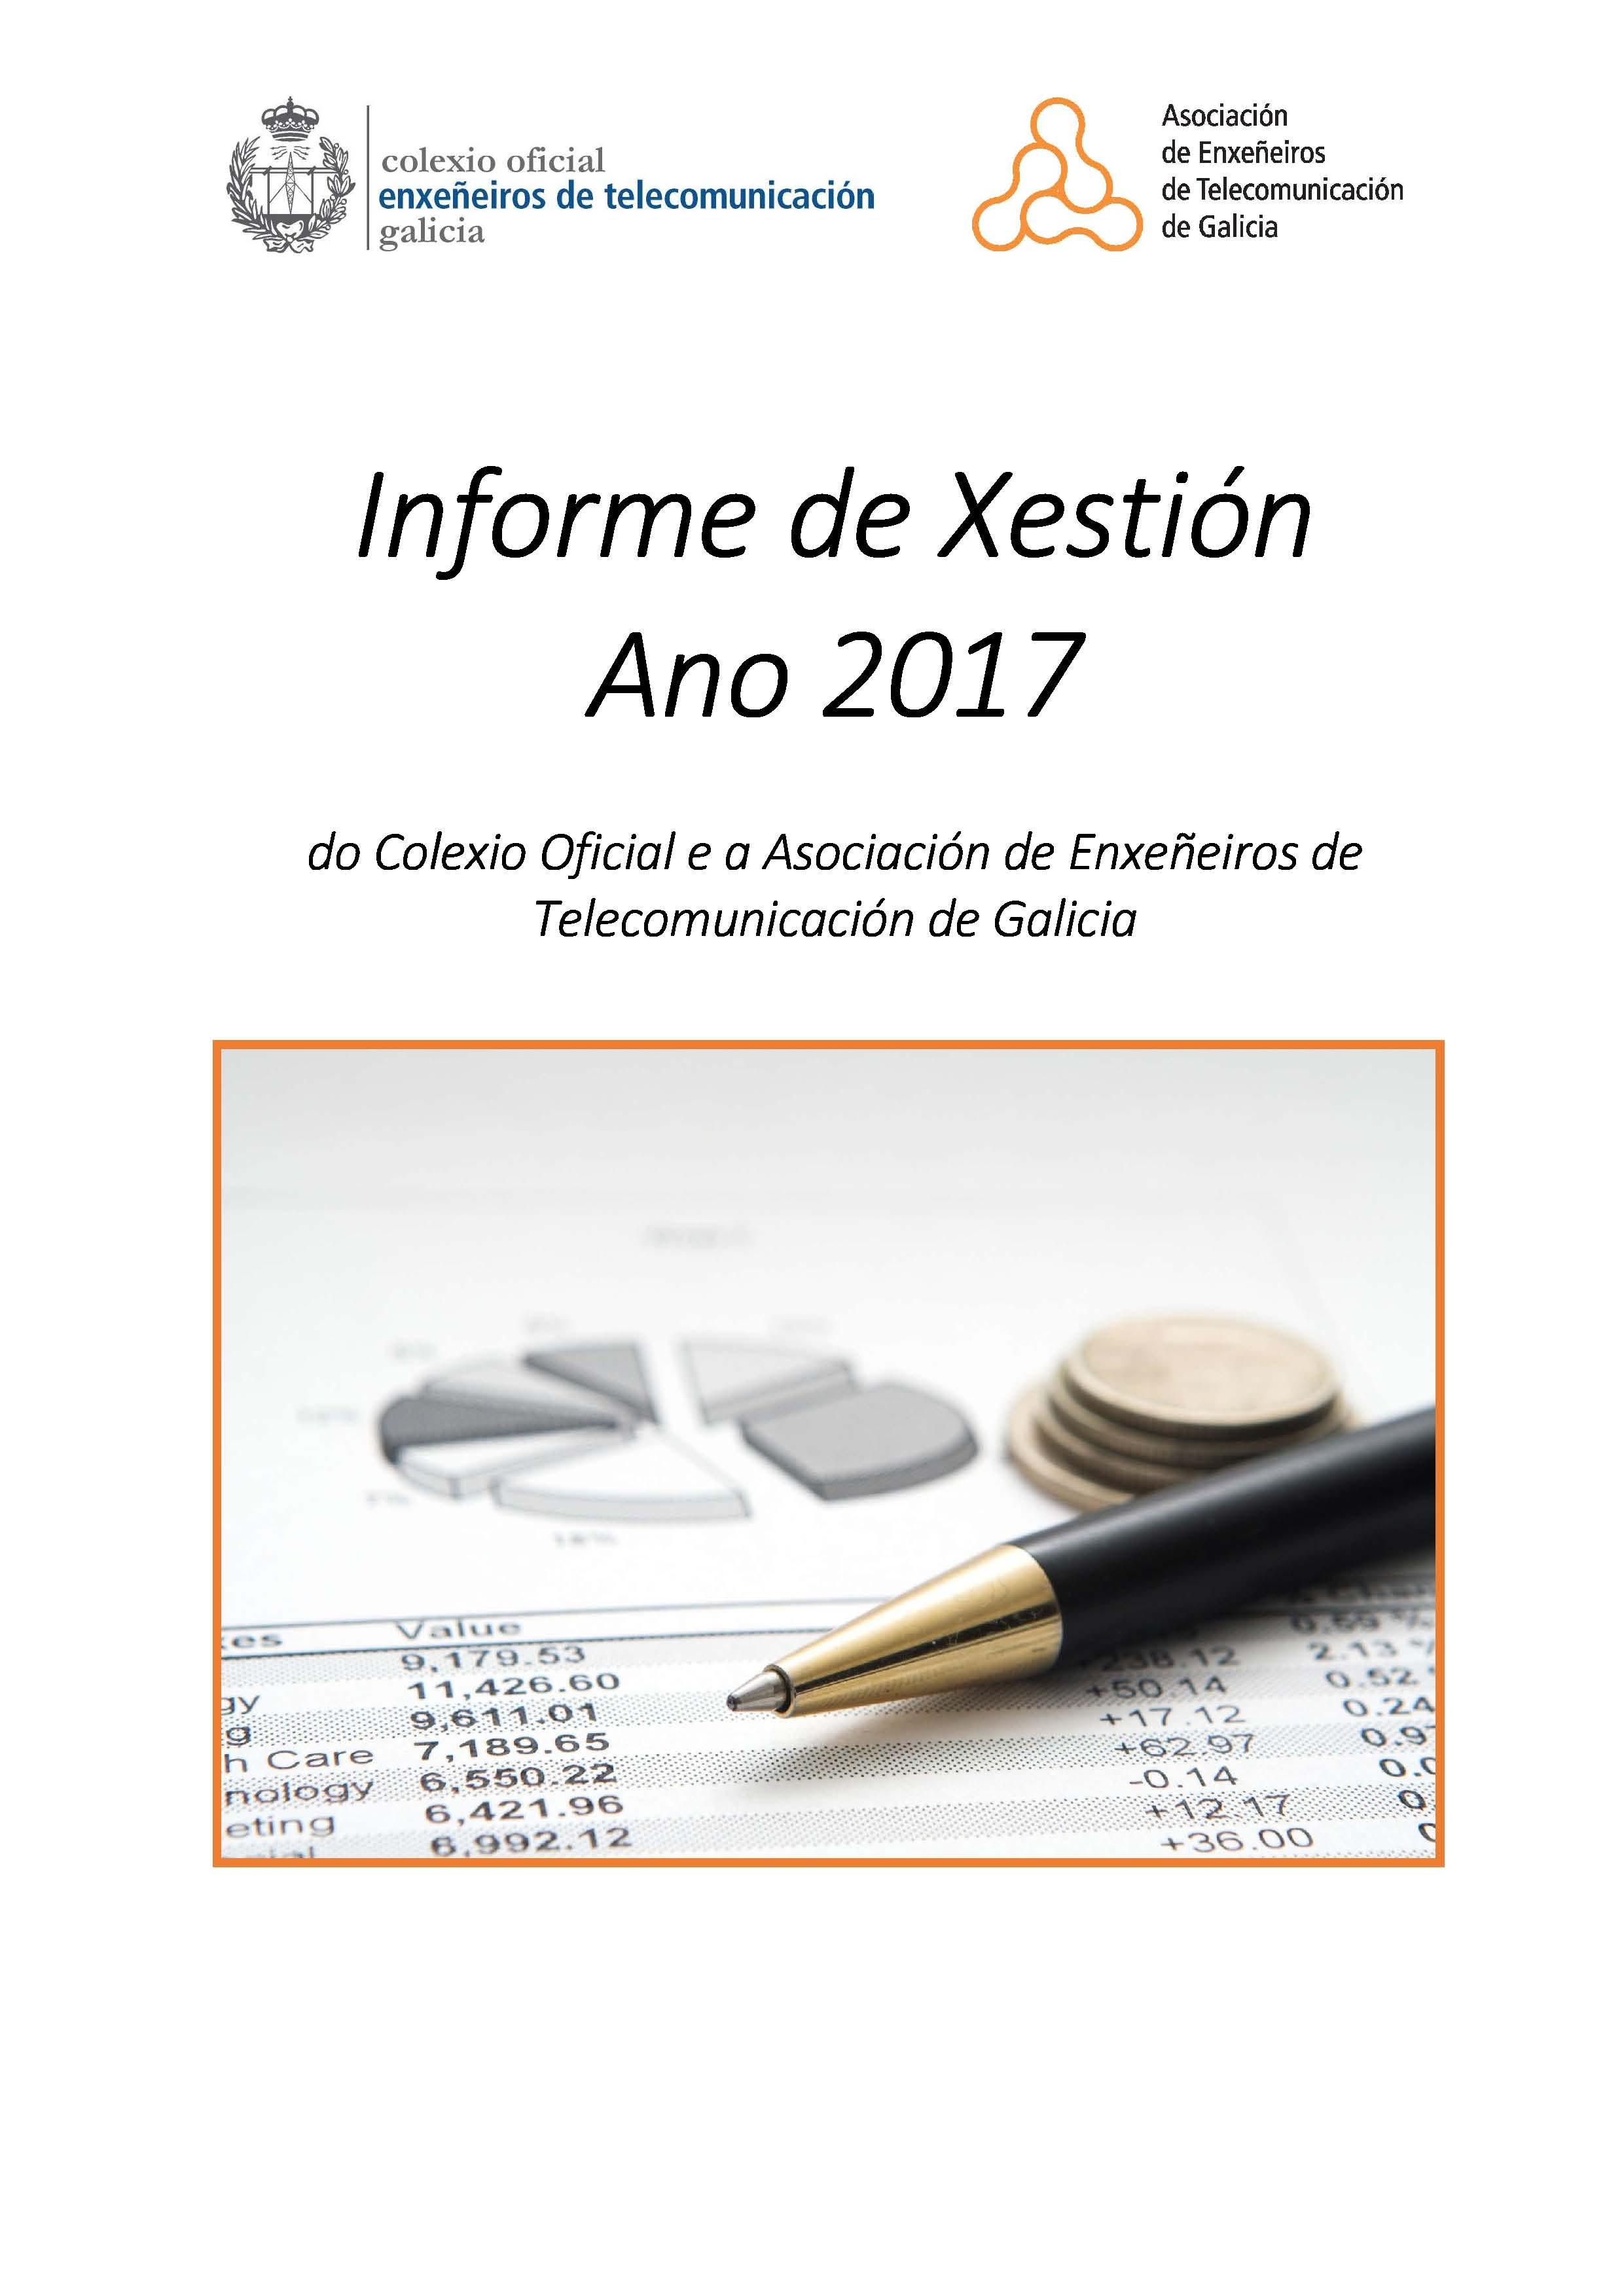 IX2017.jpg